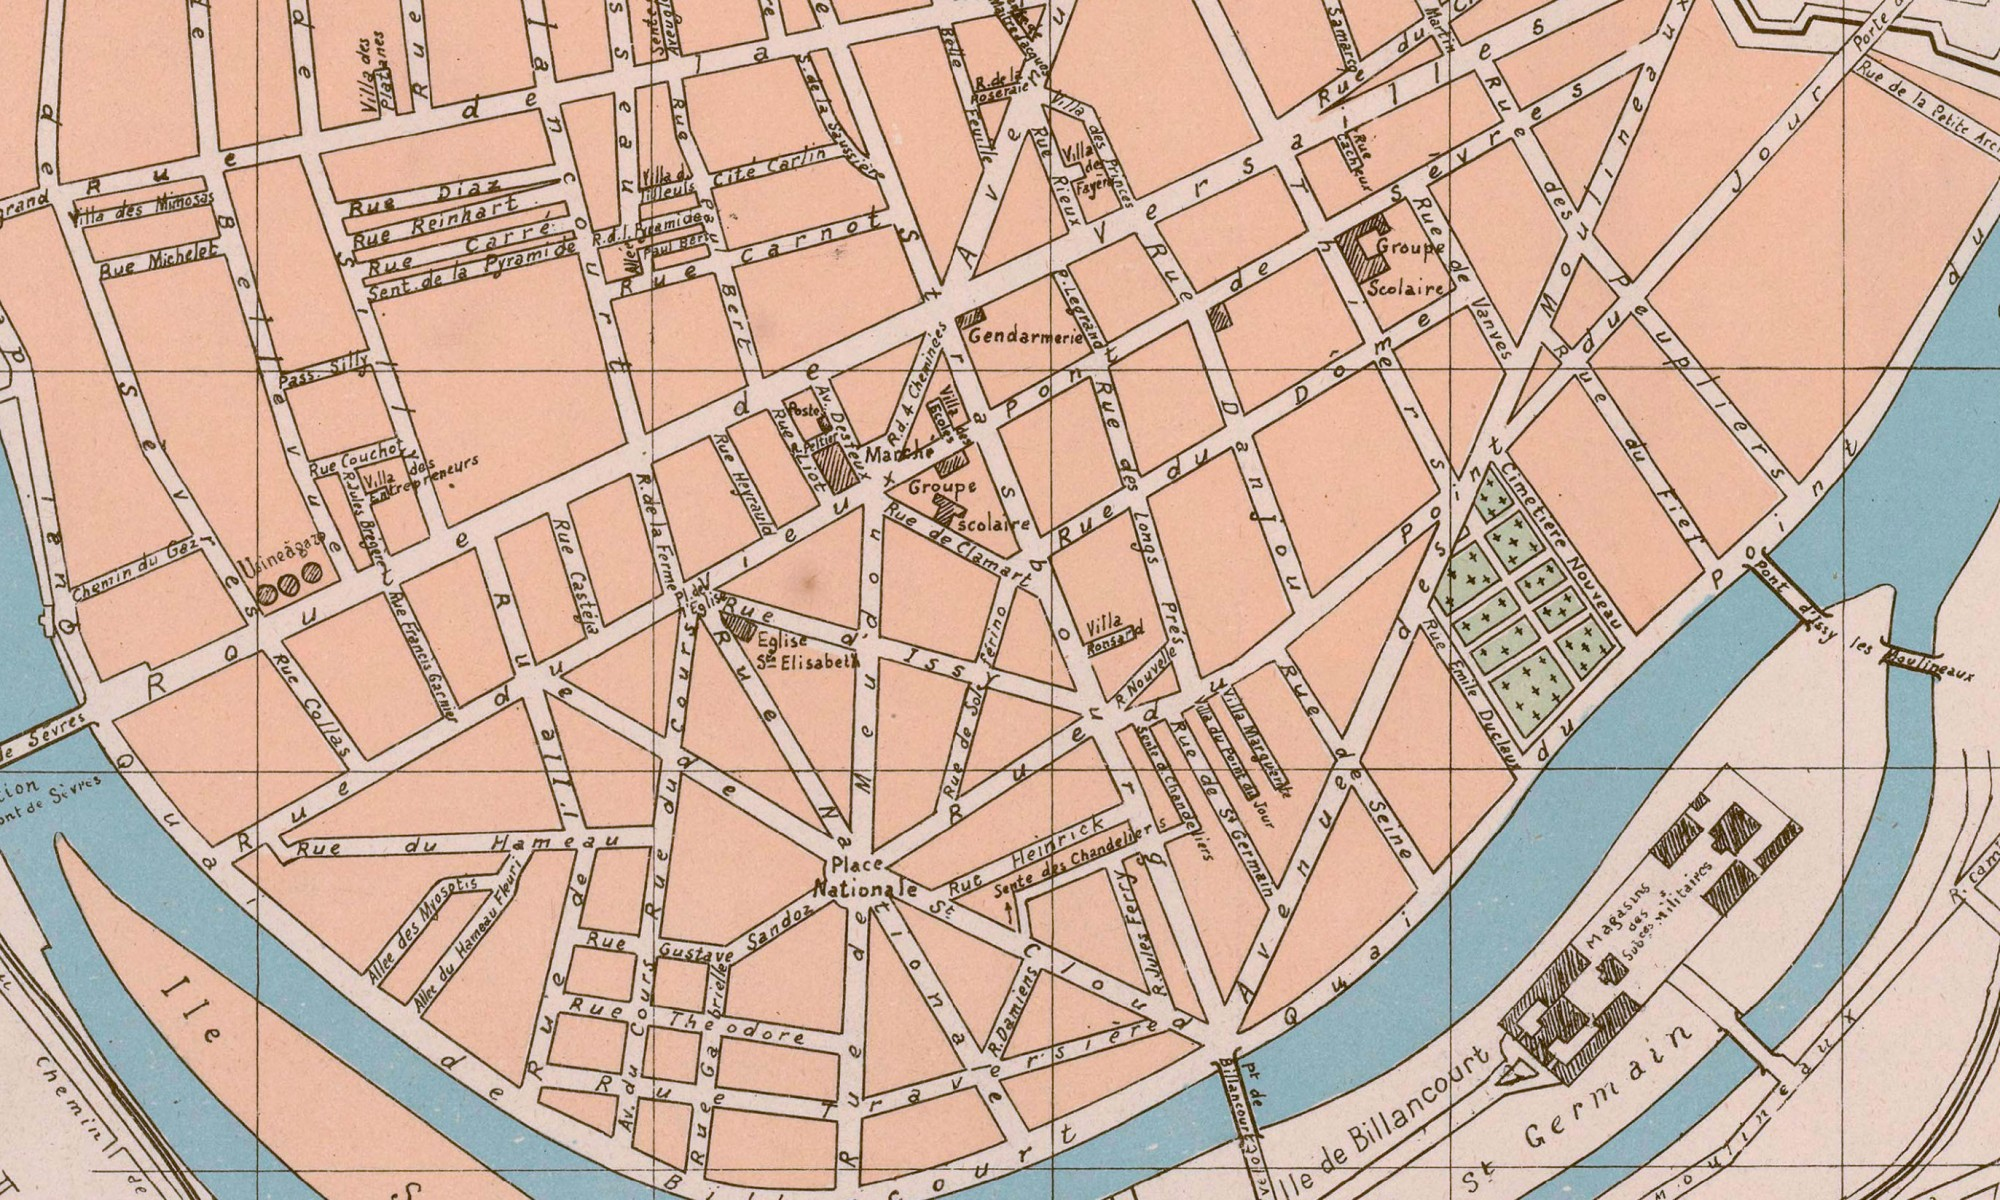 1909 - Extrait des plans indicateurs de la Banlieue 1909